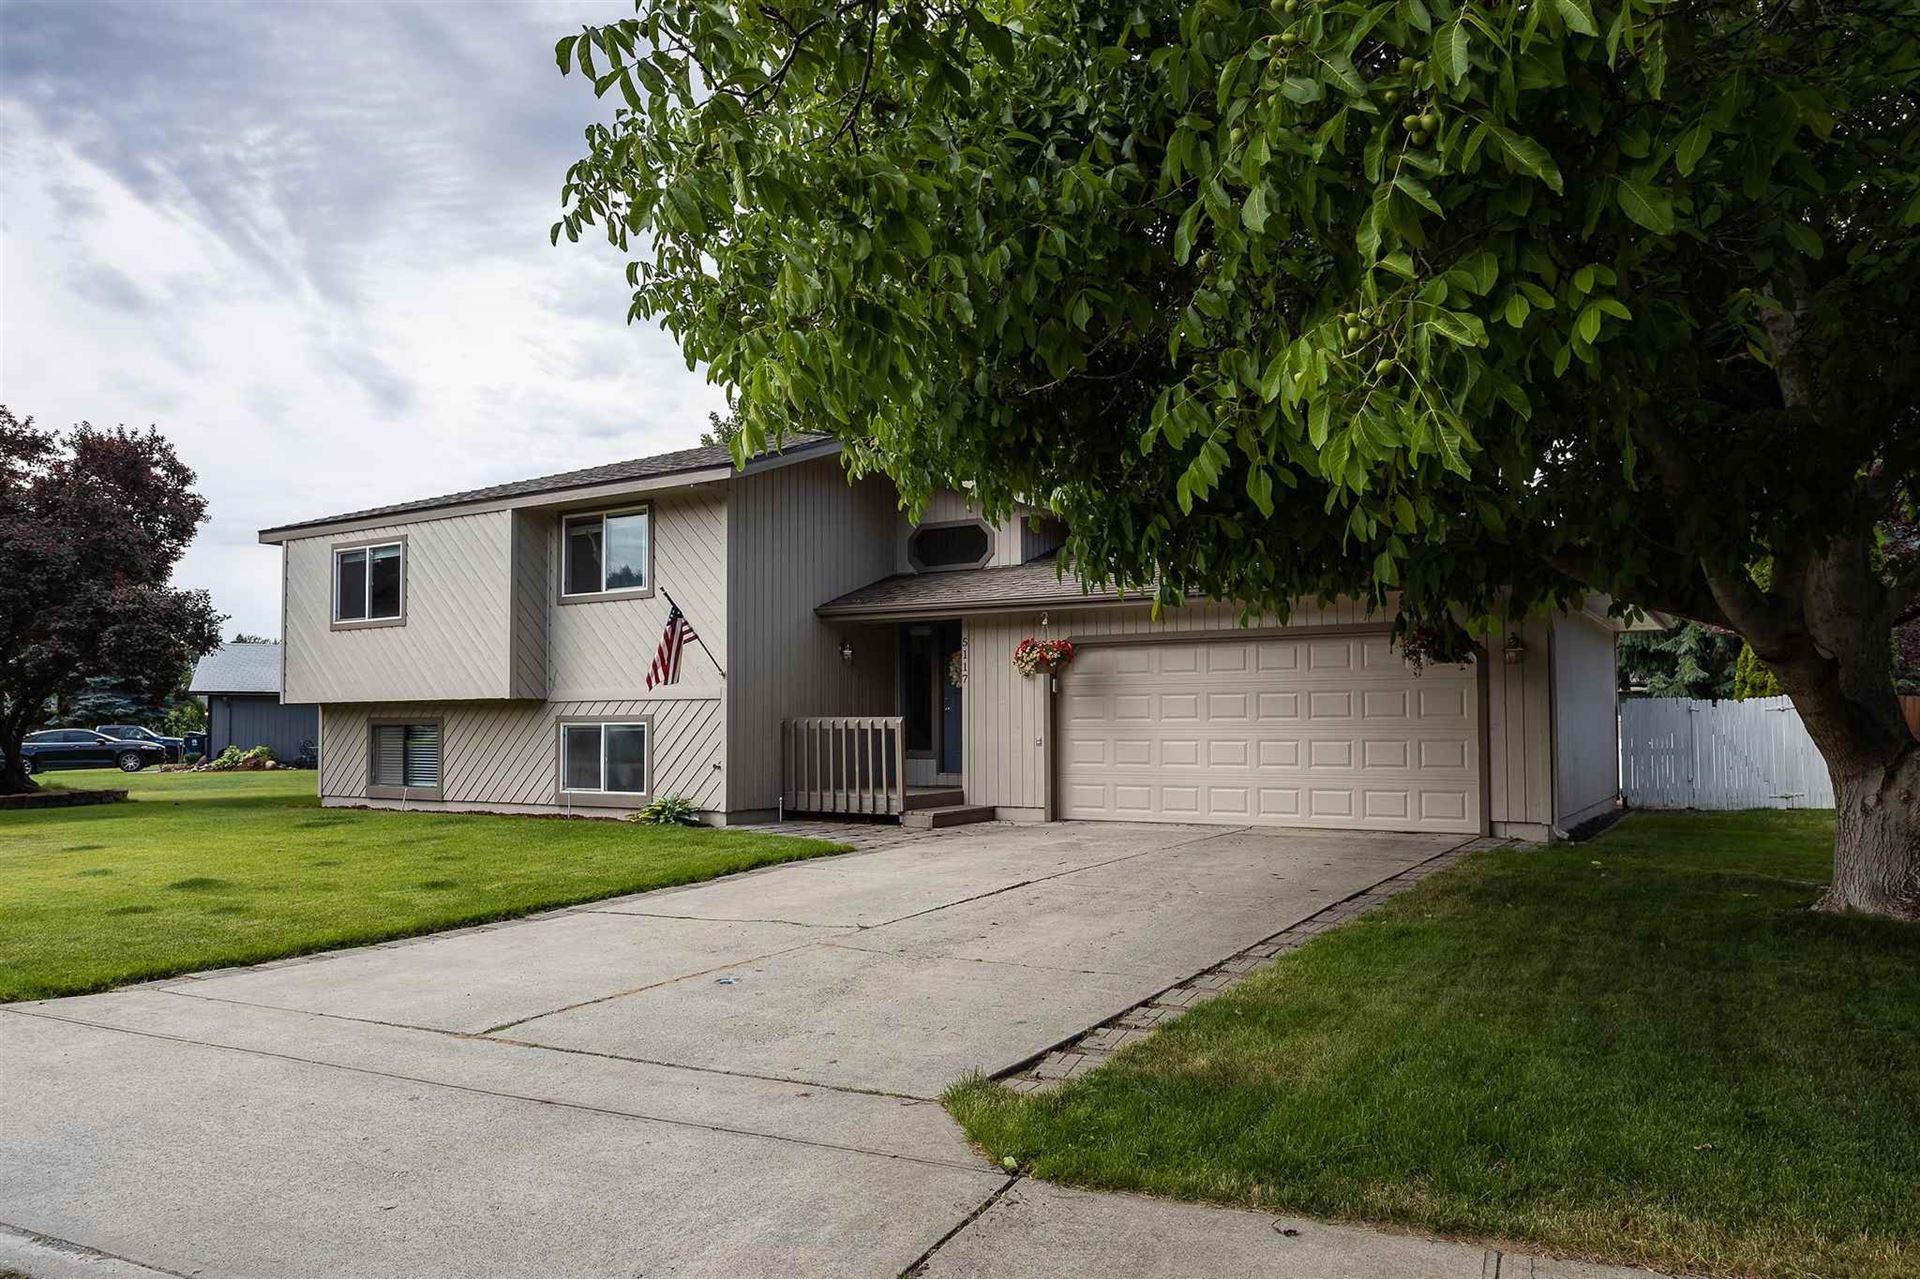 5117 W LAMAR Ave, Spokane, WA 99208 - #: 202118008